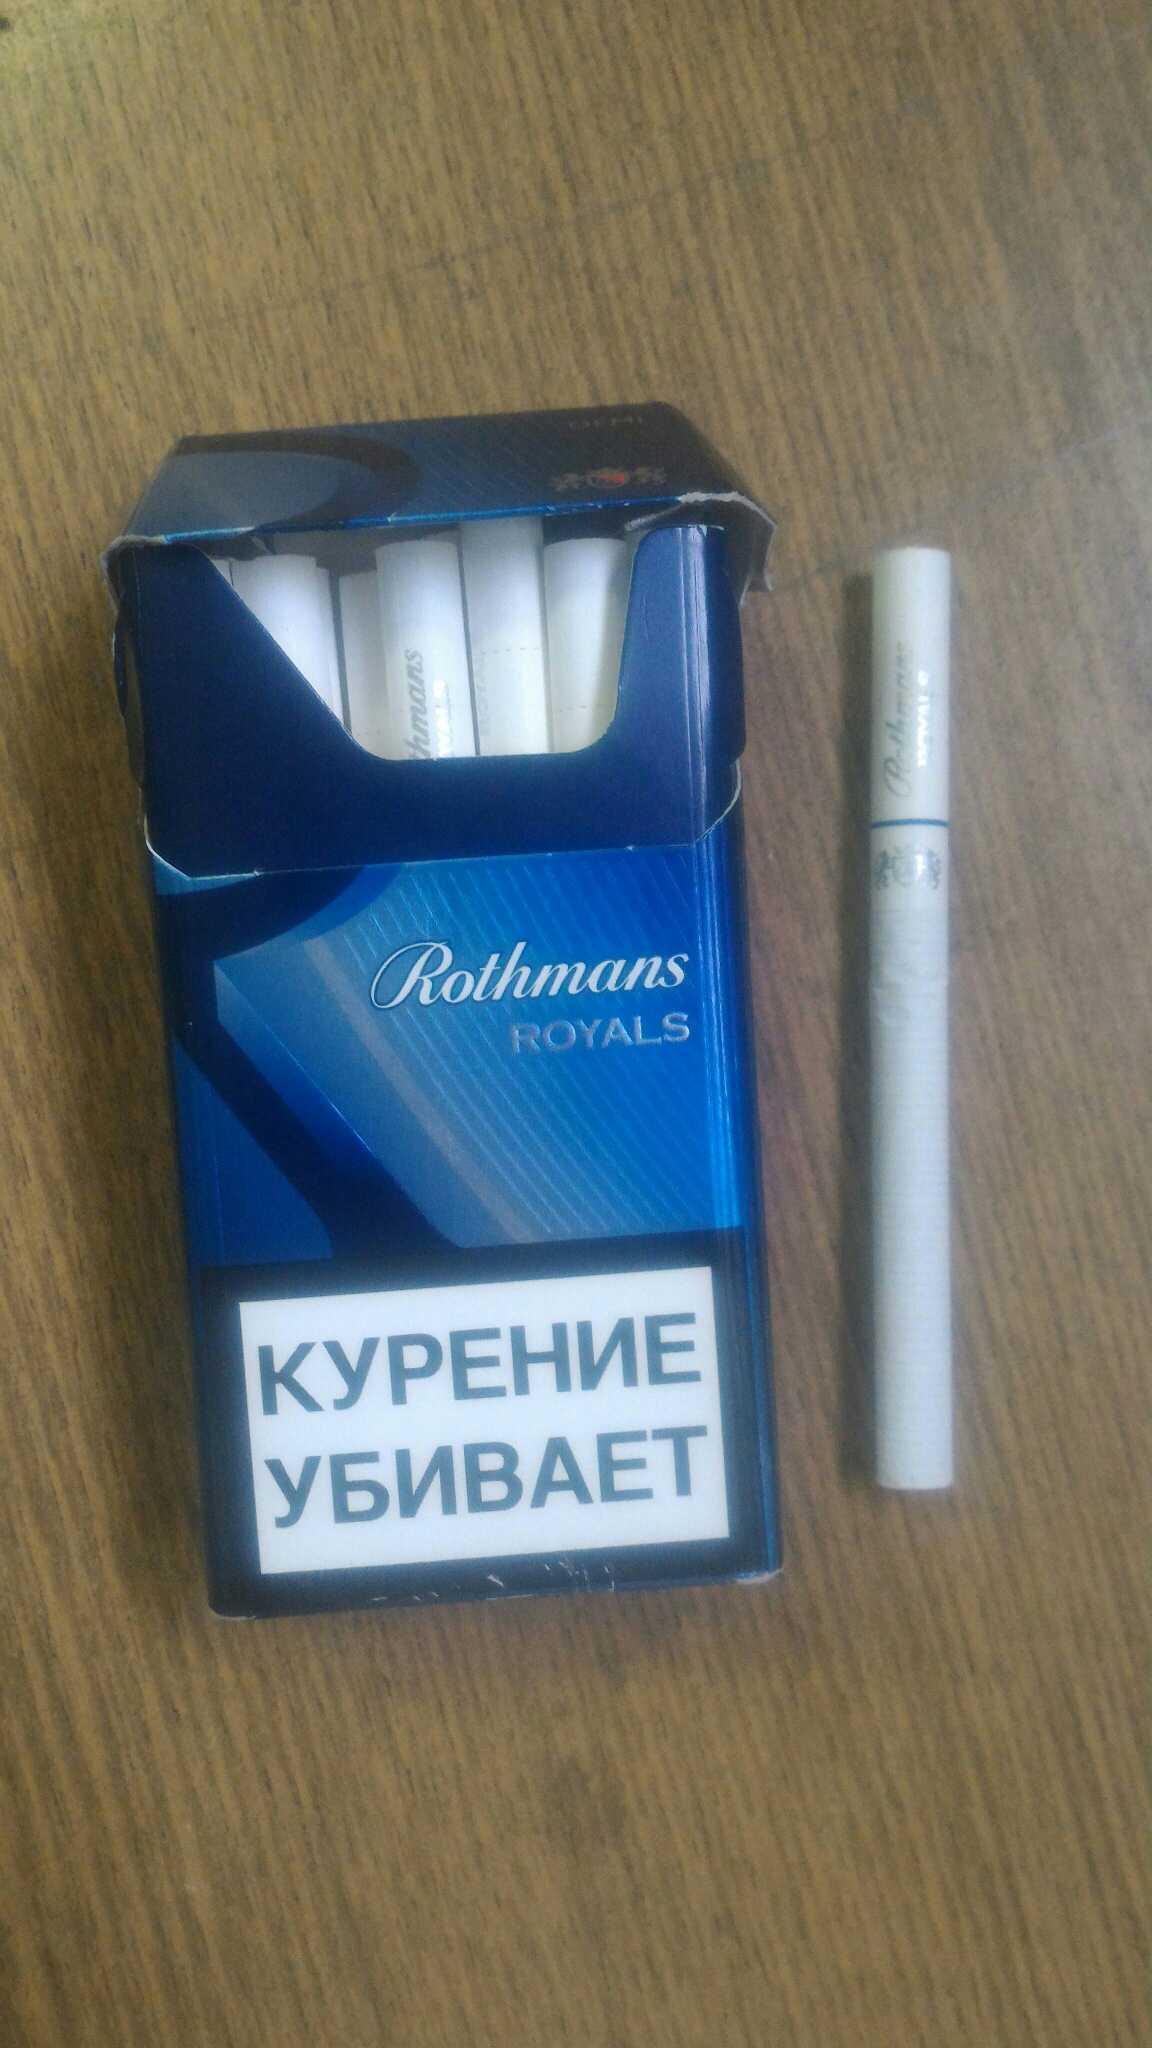 сигарет ротманс картинка